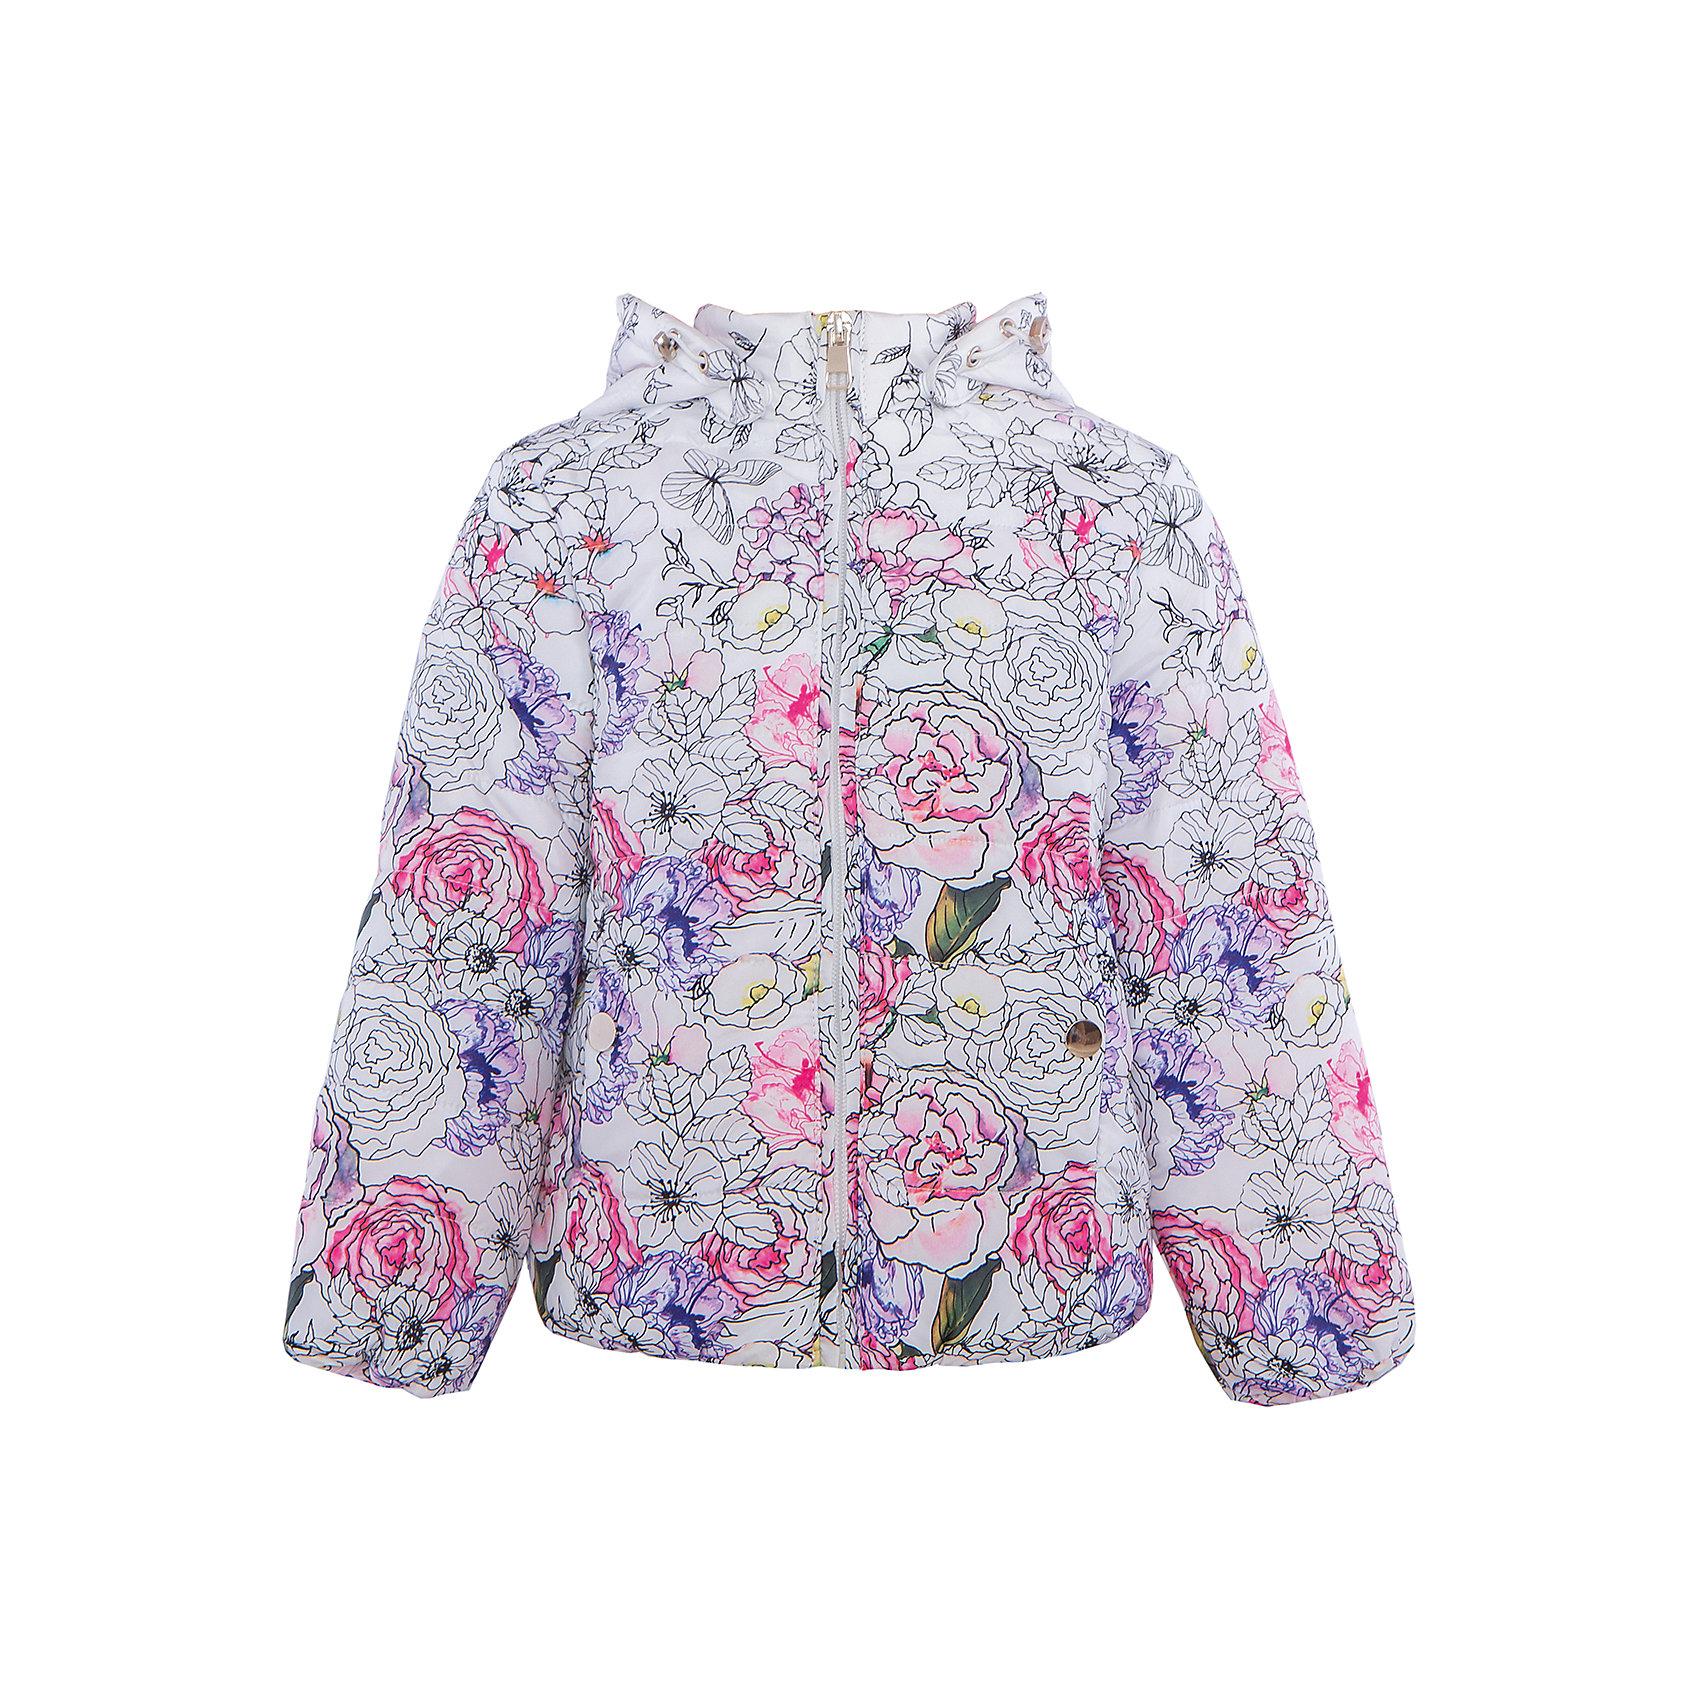 Куртка для девочки SELAВесенняя капель<br>Характеристики:<br><br>• Вид детской и подростковой одежды: куртка<br>• Пол: для девочки<br>• Предназначение: повседневная<br>• Сезон: демисезон<br>• Температурный режим: до -5? С<br>• Тематика рисунка: цветы<br>• Цвет: белый принт<br>• Материал: полиэстер 100%, утеплитель – полиэстер, 100%<br>• Силуэт: полуприлегающий<br>• Длина куртки: до середины бедра<br>• Капюшон: втачной, с карабинами<br>• Застежка: молния, спереди<br>• Особенности ухода: допускается щадящая стирка и химчистка<br><br>Куртка для девочки SELA из коллекции детской и подростковой одежды от знаменитого торгового бренда, который производит удобную, комфортную и стильную одежду, предназначенную как для будней, так и для праздников. Куртка выполнена из полиэстера, который обладает влагонепроницаемыми и ветрозащитными свойствами. Трикотажный подклад обеспечивает поддержание комфортной температуры. Длина куртки – средняя, что защищает спину от продувания. Спереди имеется застежка на молнии и втачной капюшон, ширина которого регулируется карабинами. Курточка для девочки выполнена в ярком оригинальном дизайне: цветочный крупный принт придает изделию особое очарование. <br><br>Куртку для девочки SELA можно купить в нашем интернет-магазине.<br>Состав:<br>100% ПЭ<br><br>Ширина мм: 356<br>Глубина мм: 10<br>Высота мм: 245<br>Вес г: 519<br>Цвет: белый<br>Возраст от месяцев: 60<br>Возраст до месяцев: 72<br>Пол: Женский<br>Возраст: Детский<br>Размер: 116,98,104,110<br>SKU: 5305093